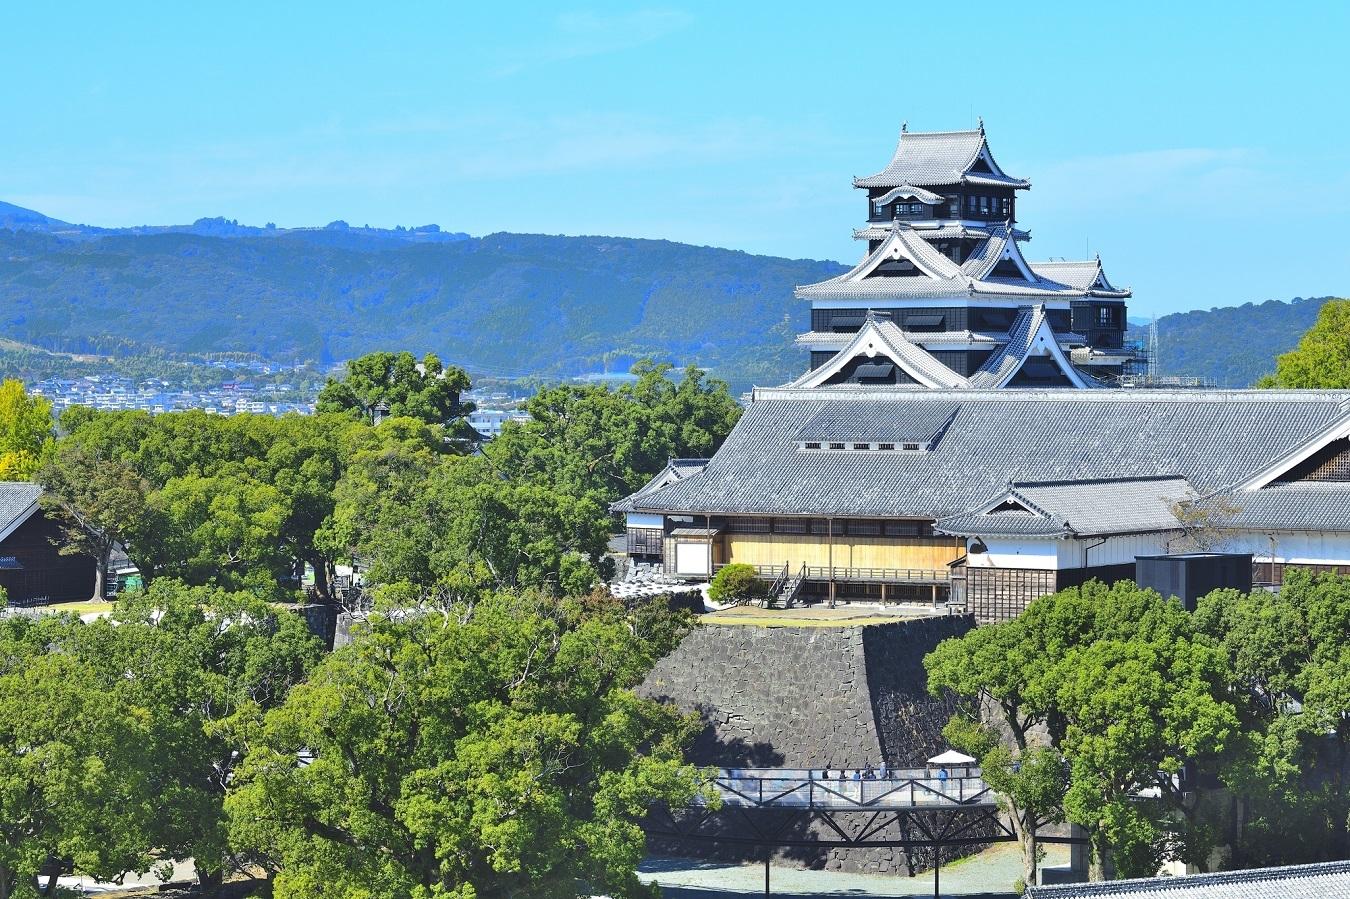 【熊本県】夢や誇りも評価する「県民総幸福量」